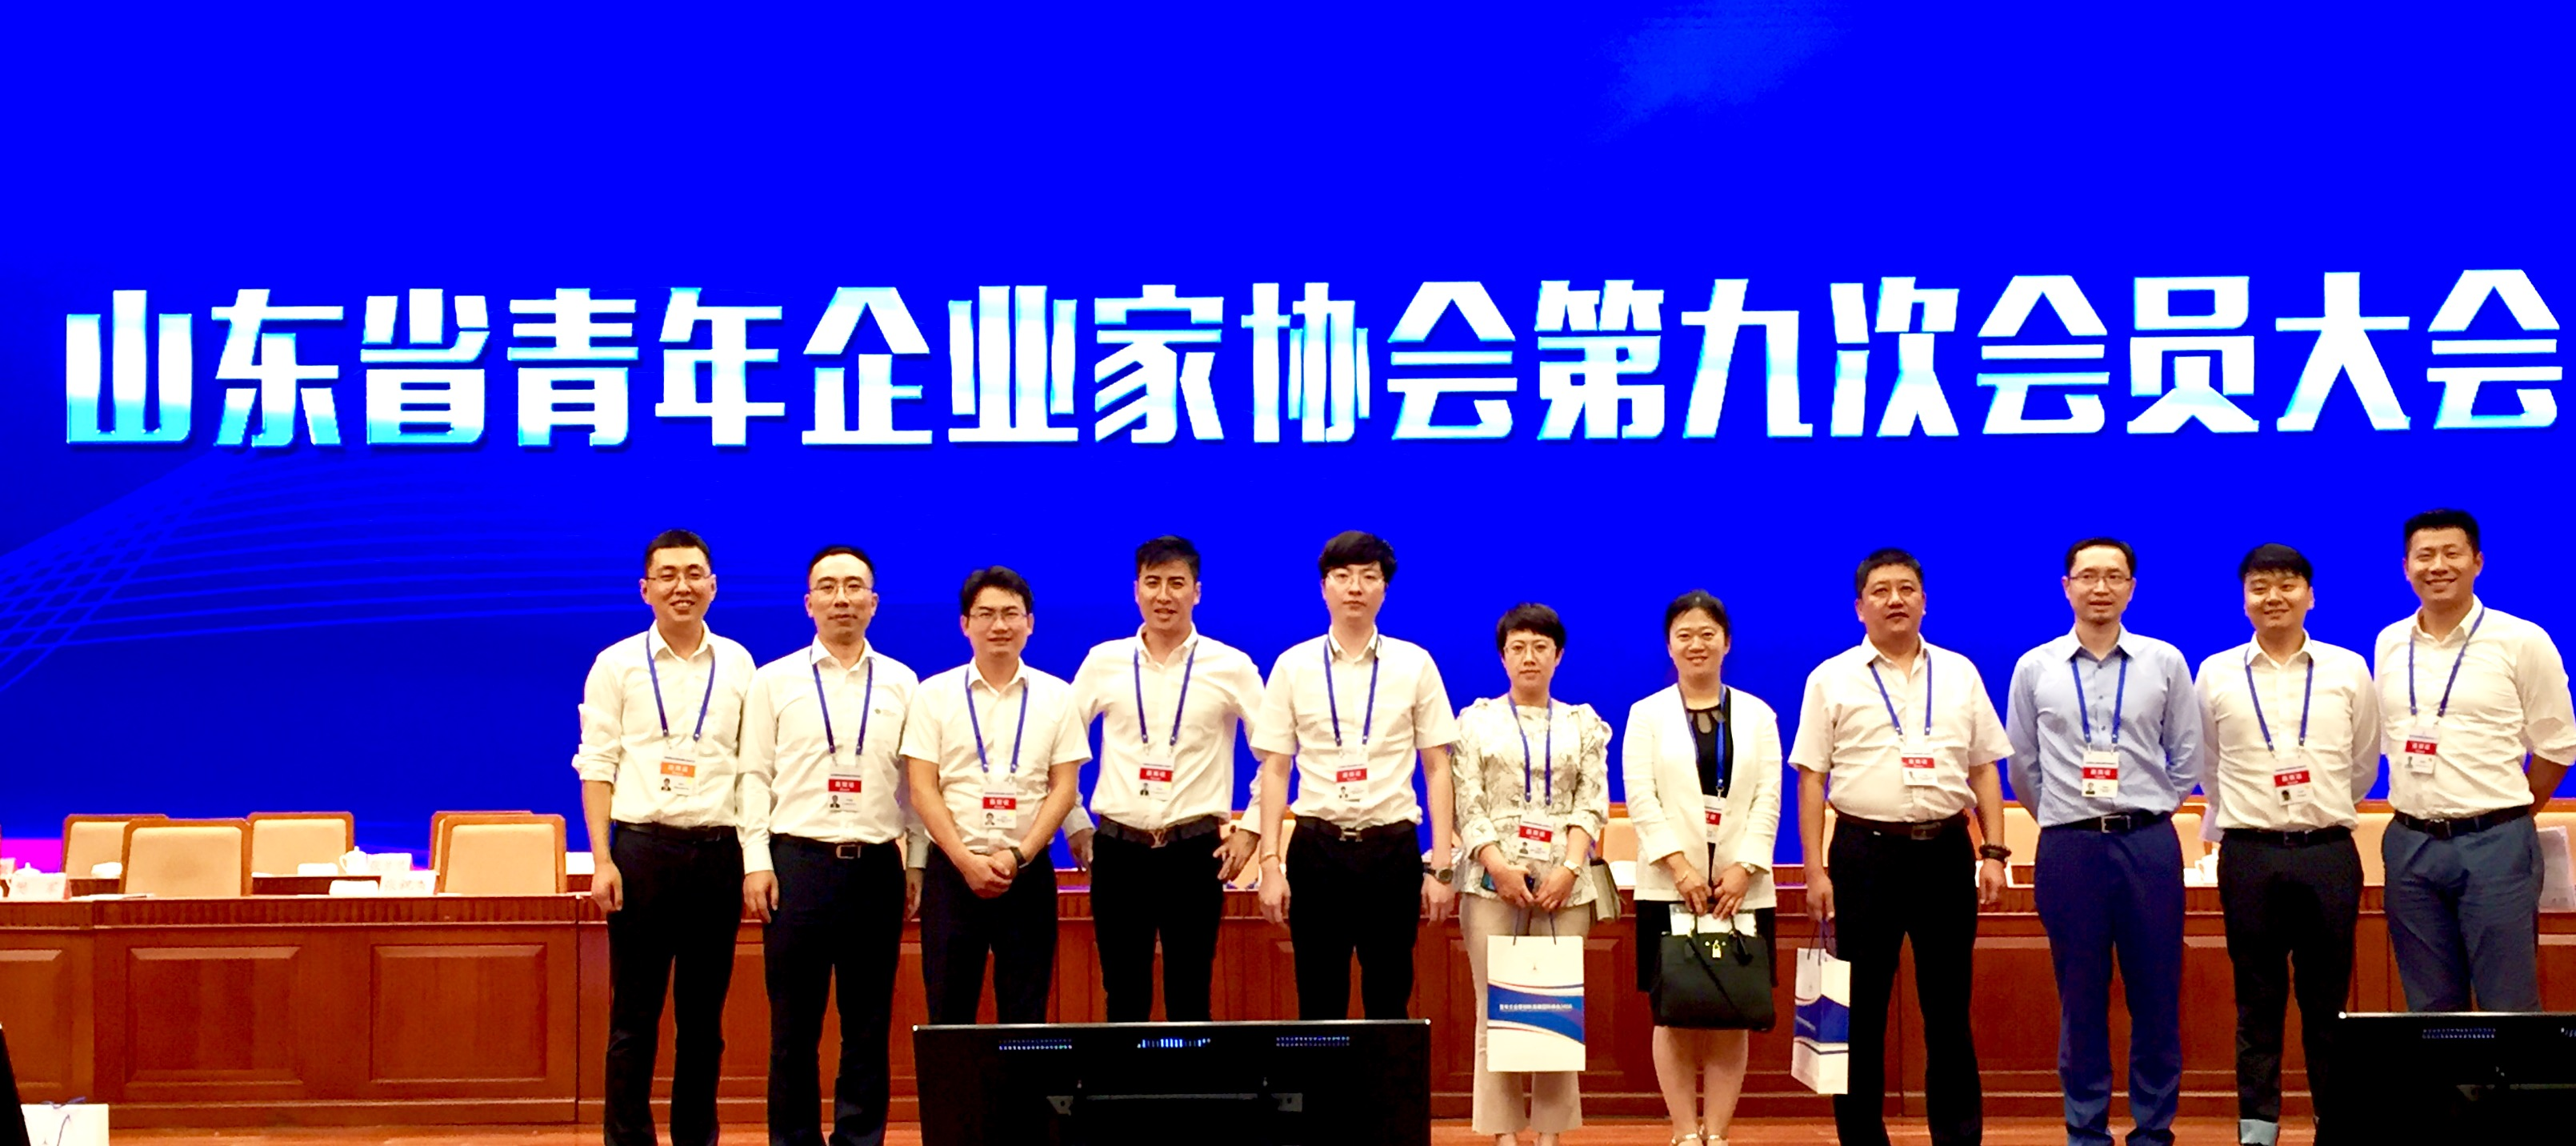 亚博网站备用分子总经理李武松博士受邀出席山东省青年企业家协会第九次会员大会